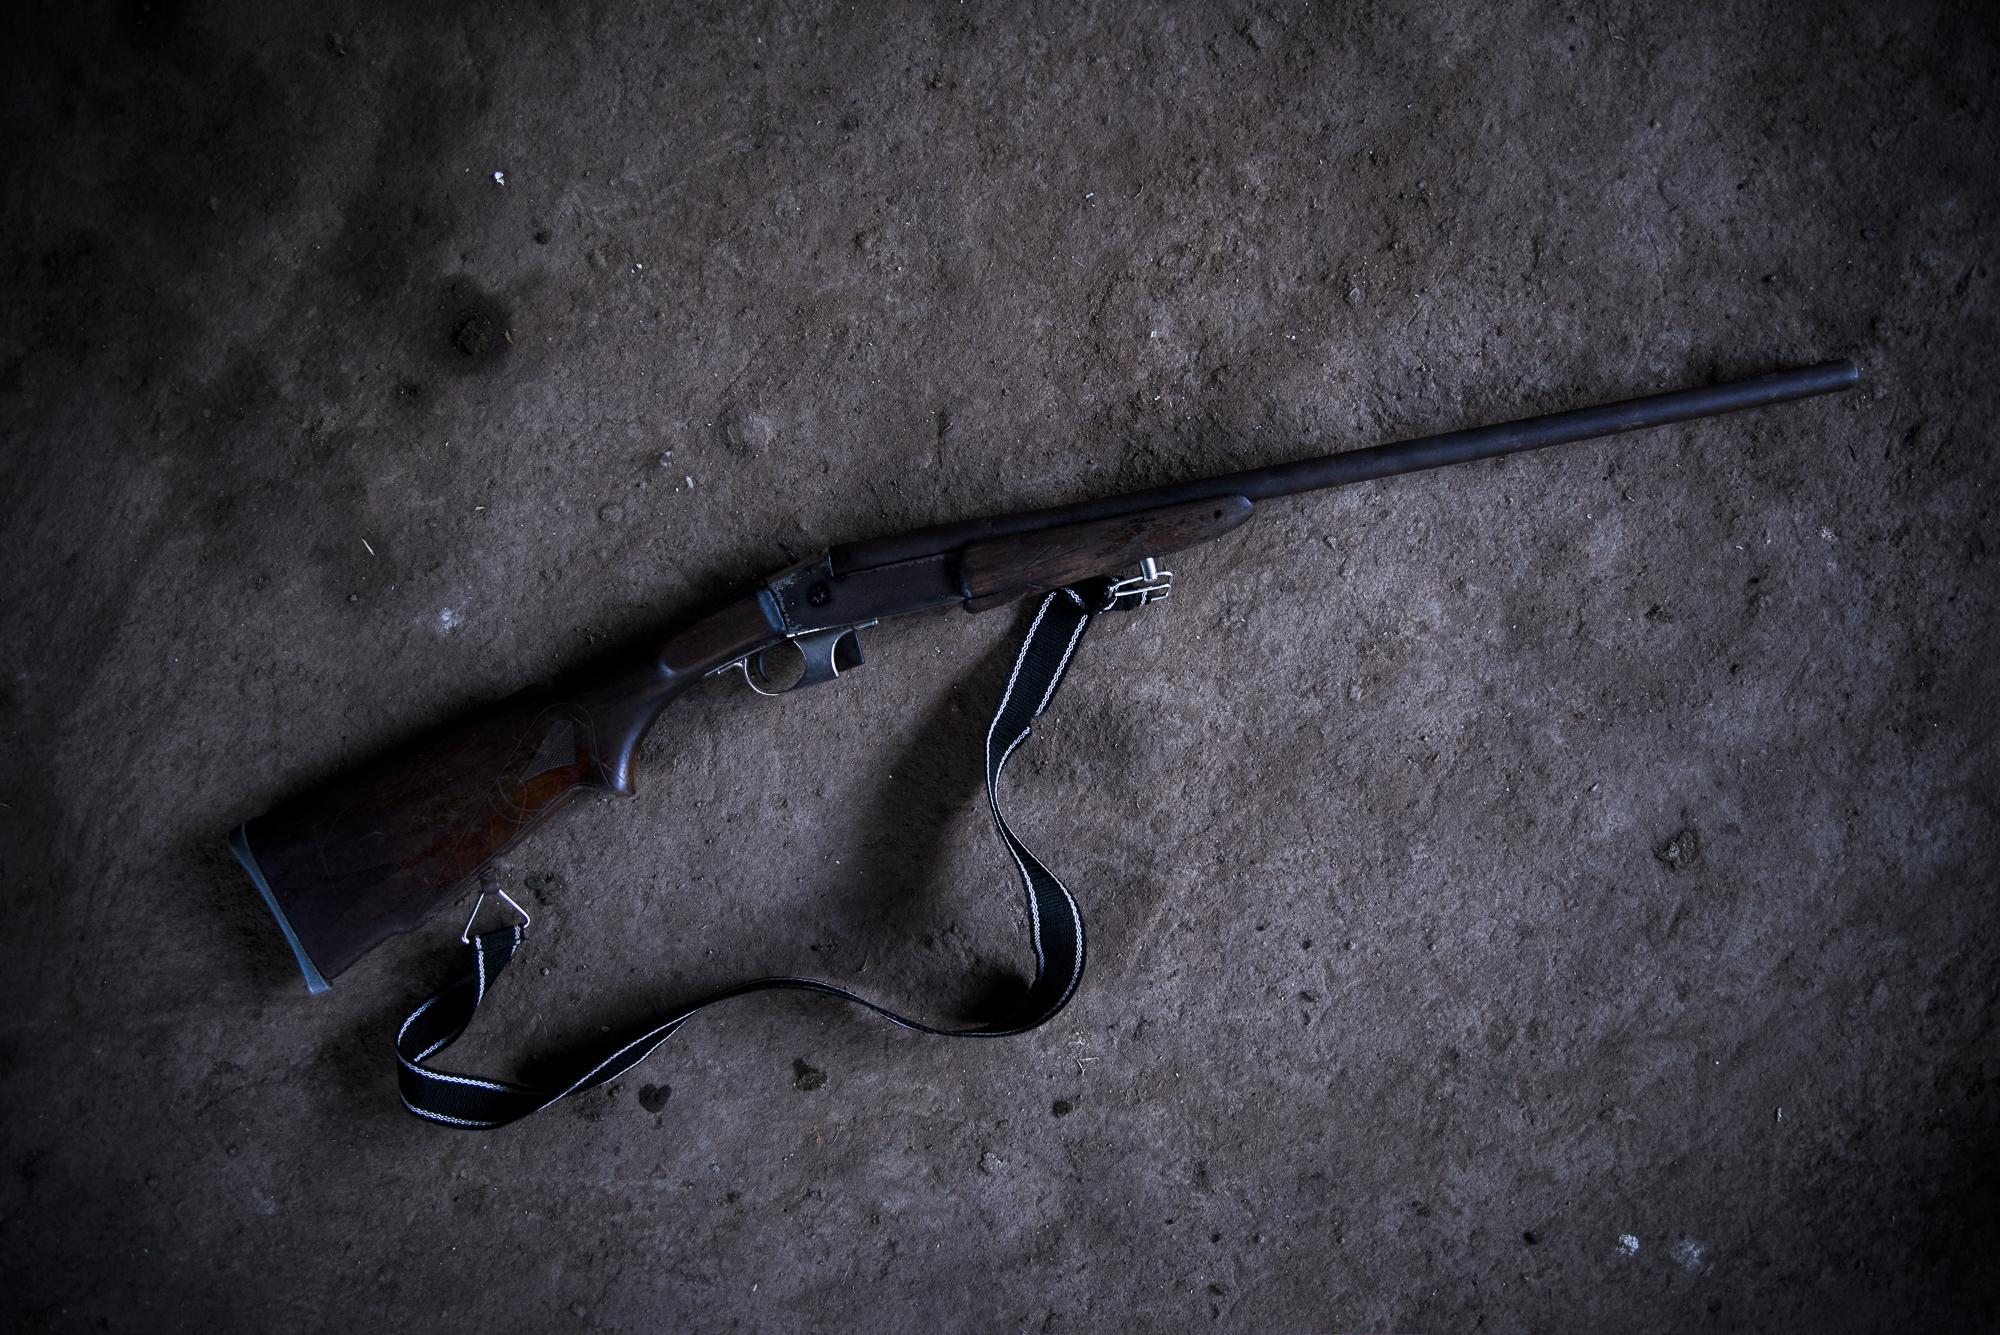 Catherine Perez no es capaz de empuñar un arma, sin embargo este rifle de caza adorna una esquina de su hogar. Solo lo usaria para ayuentar a los animales que intenten dañar su cultivo de platano con el que espera sacar a sus hijos adelante.